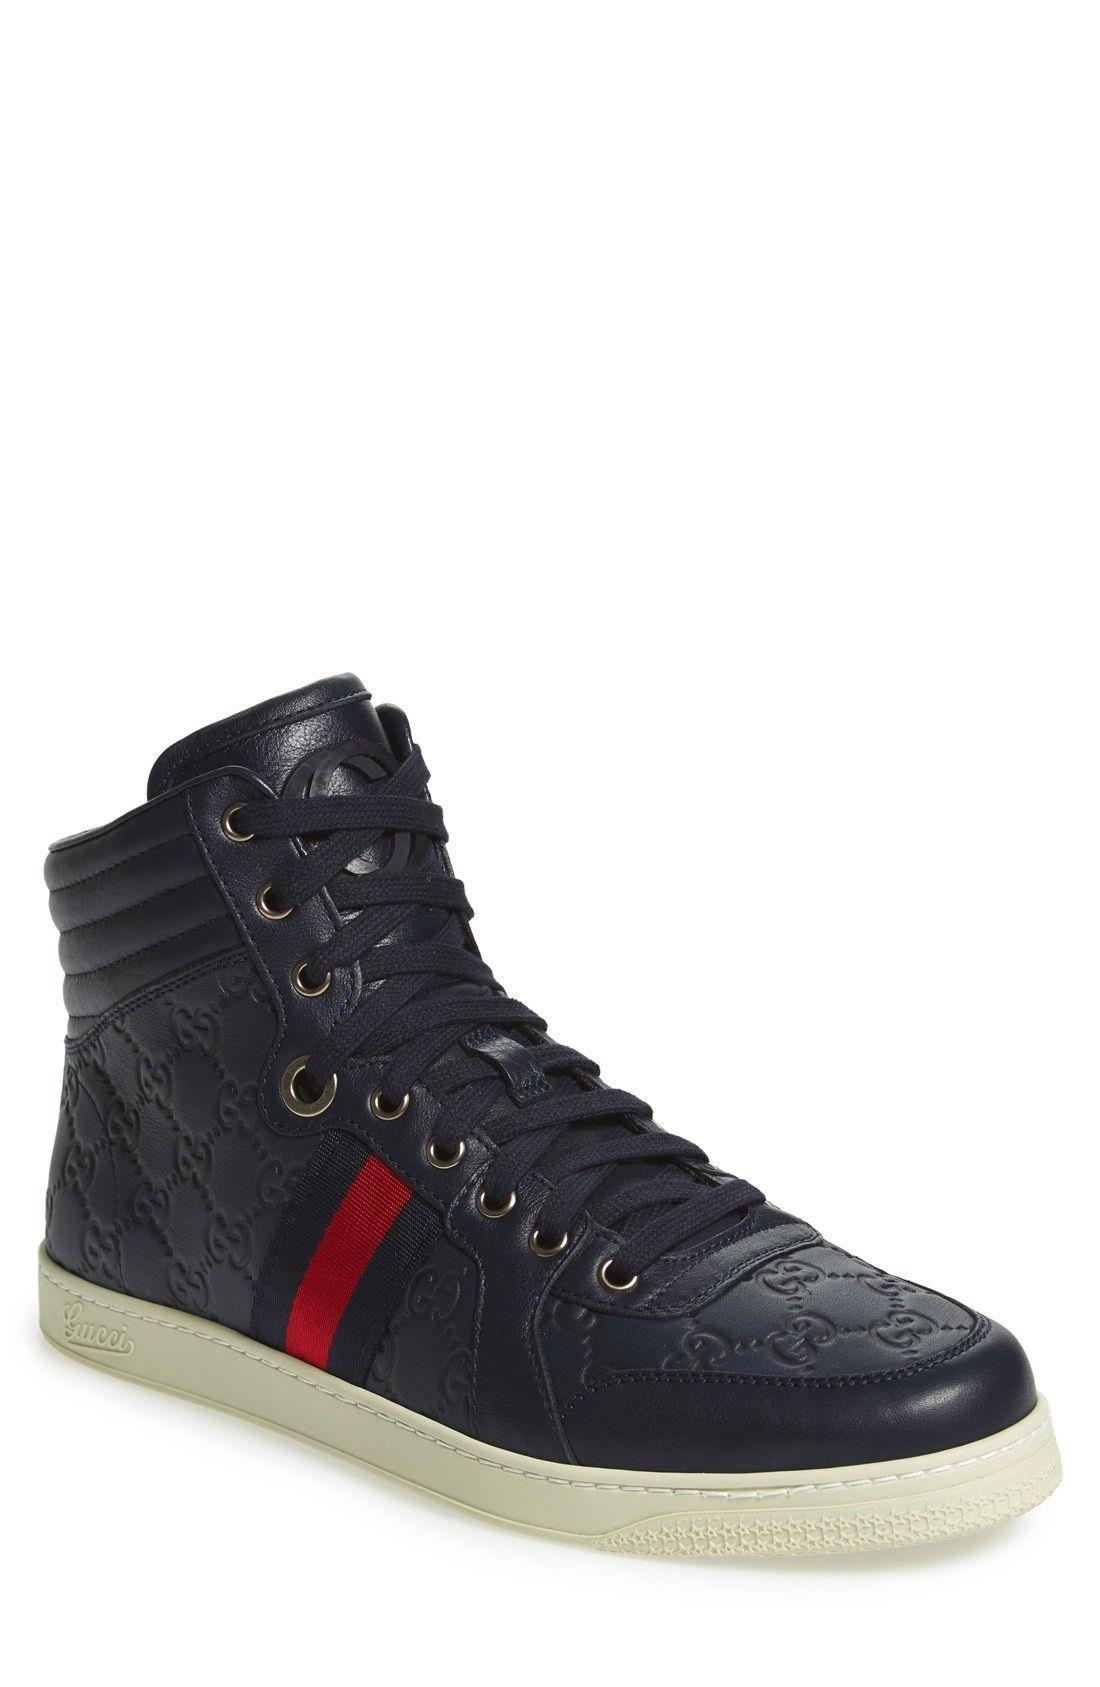 6ab34bf34e73  Coda  Sneaker Gucci Sneakers